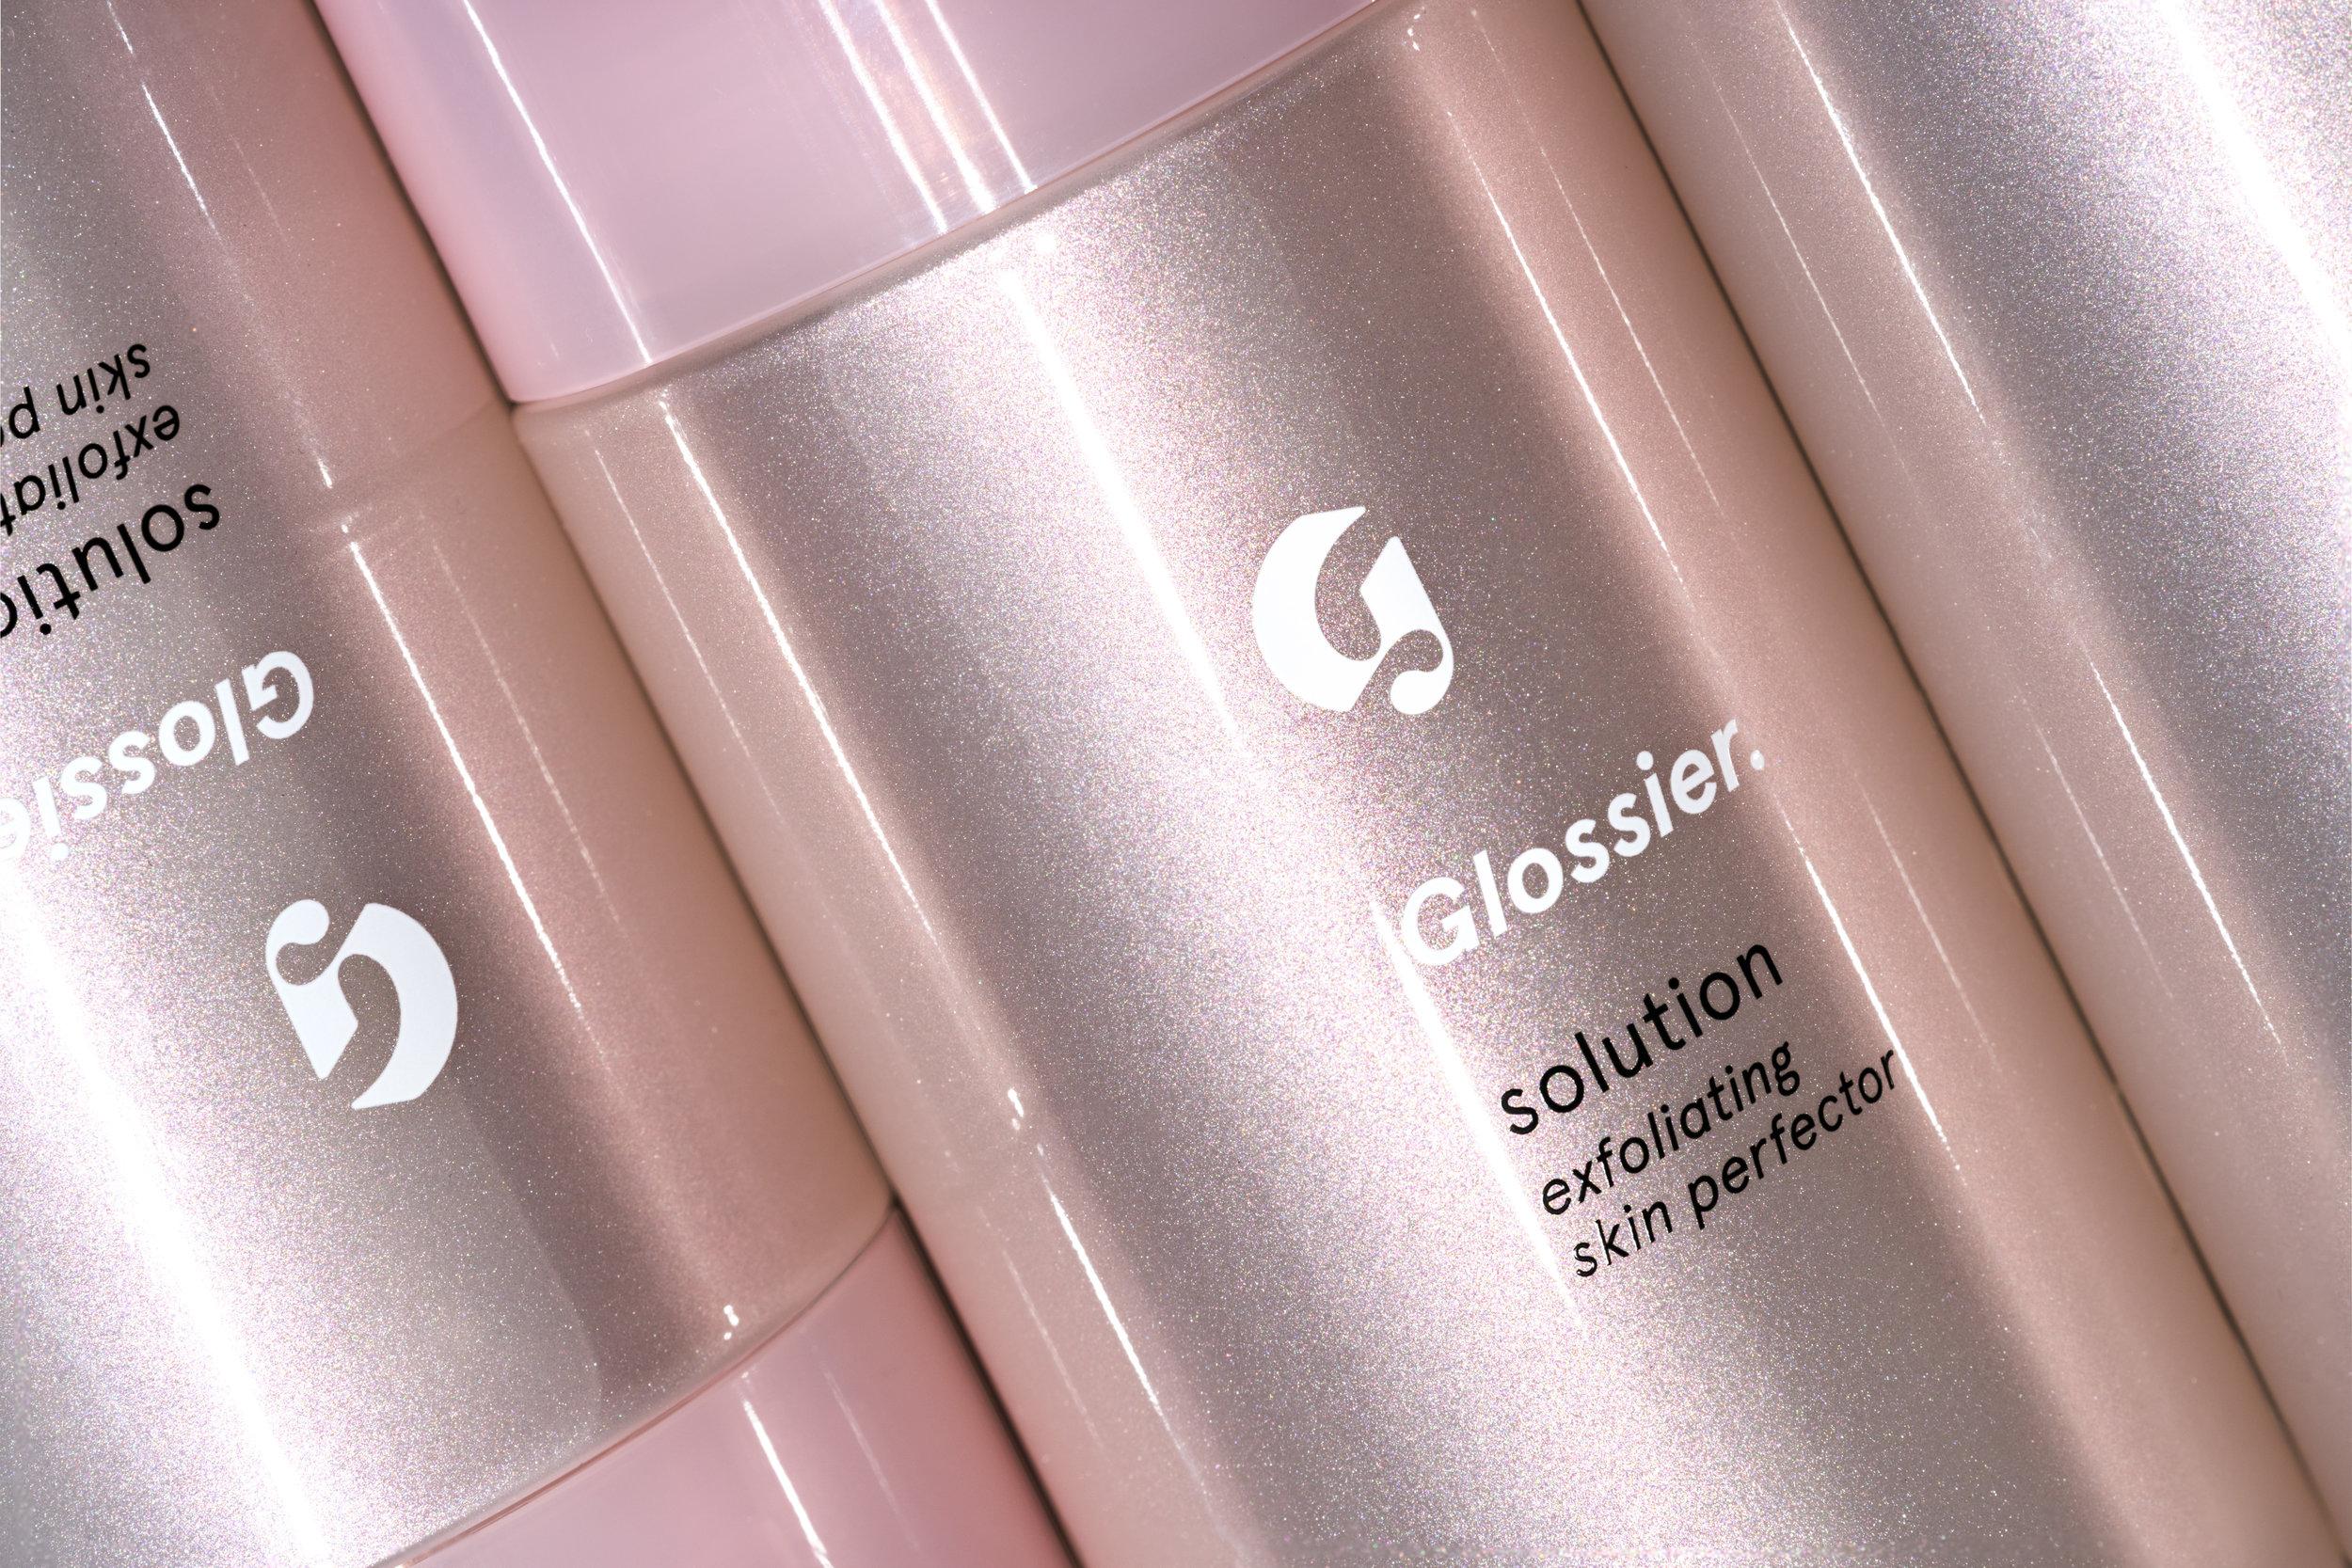 Glossier_Solution_Product_02_Bottle.jpg